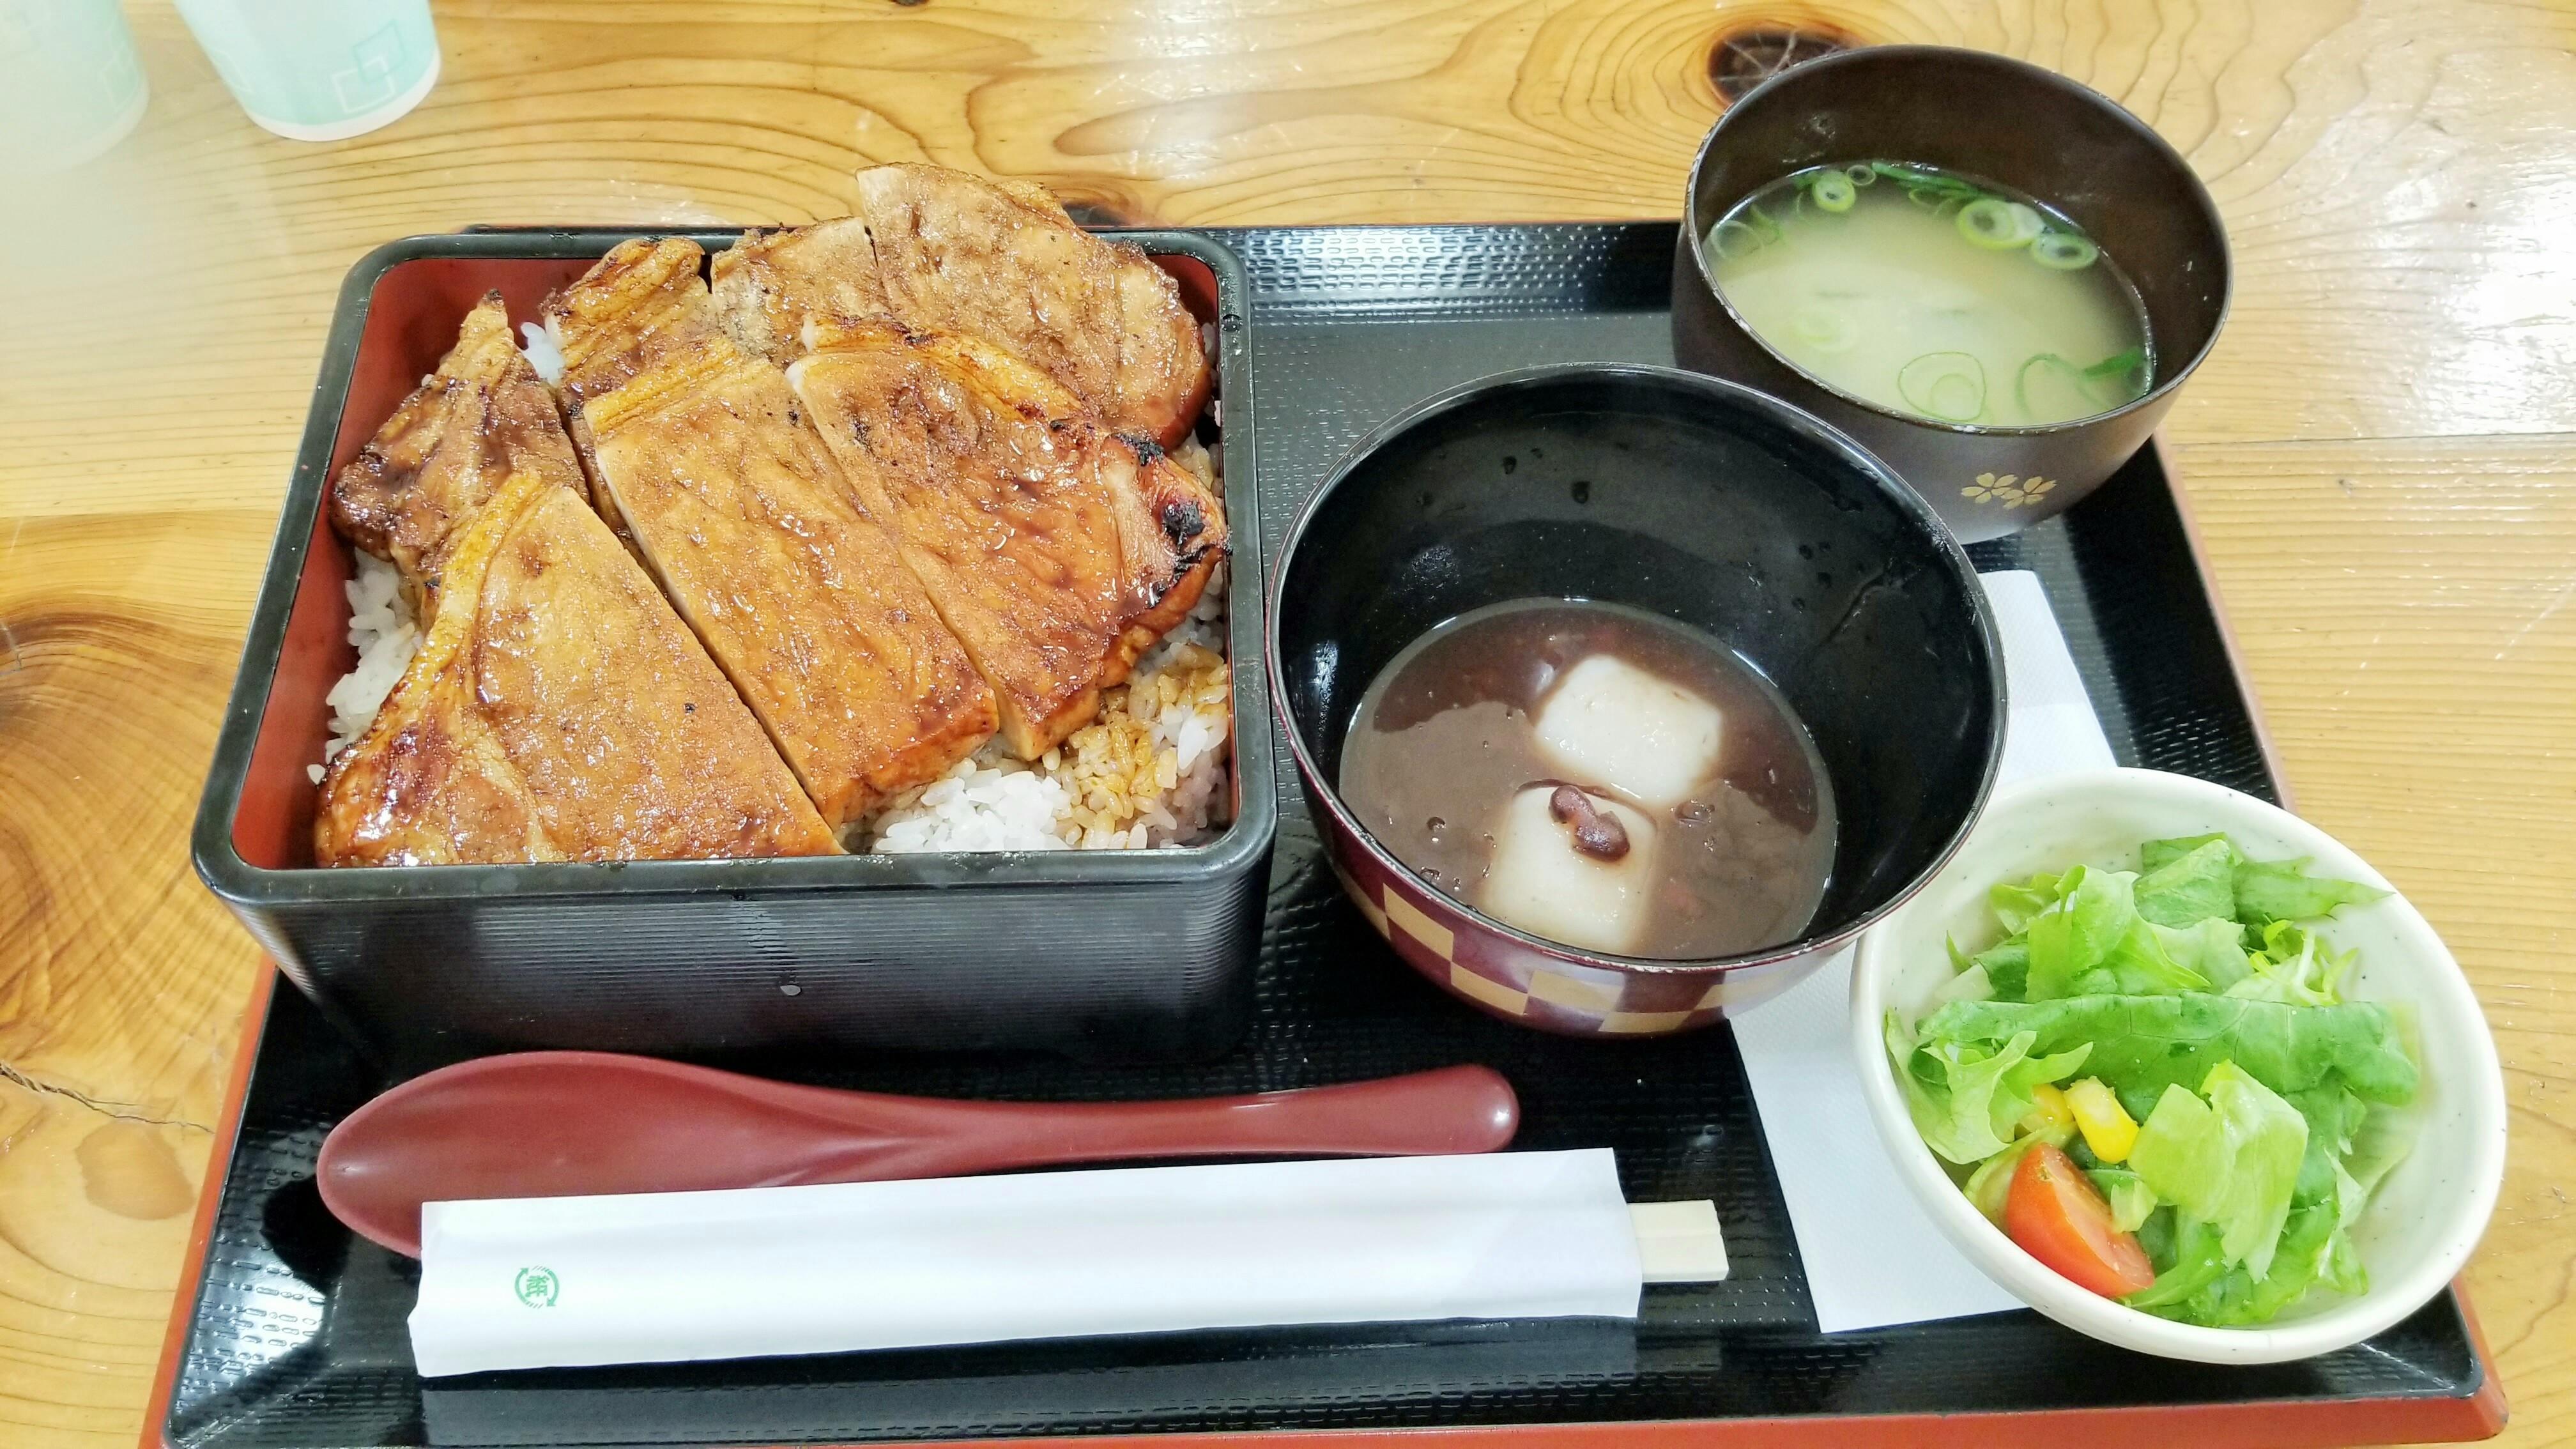 愛媛県松山市美味しい人気ランチ炭火かば焼き重かばよしジョープラ